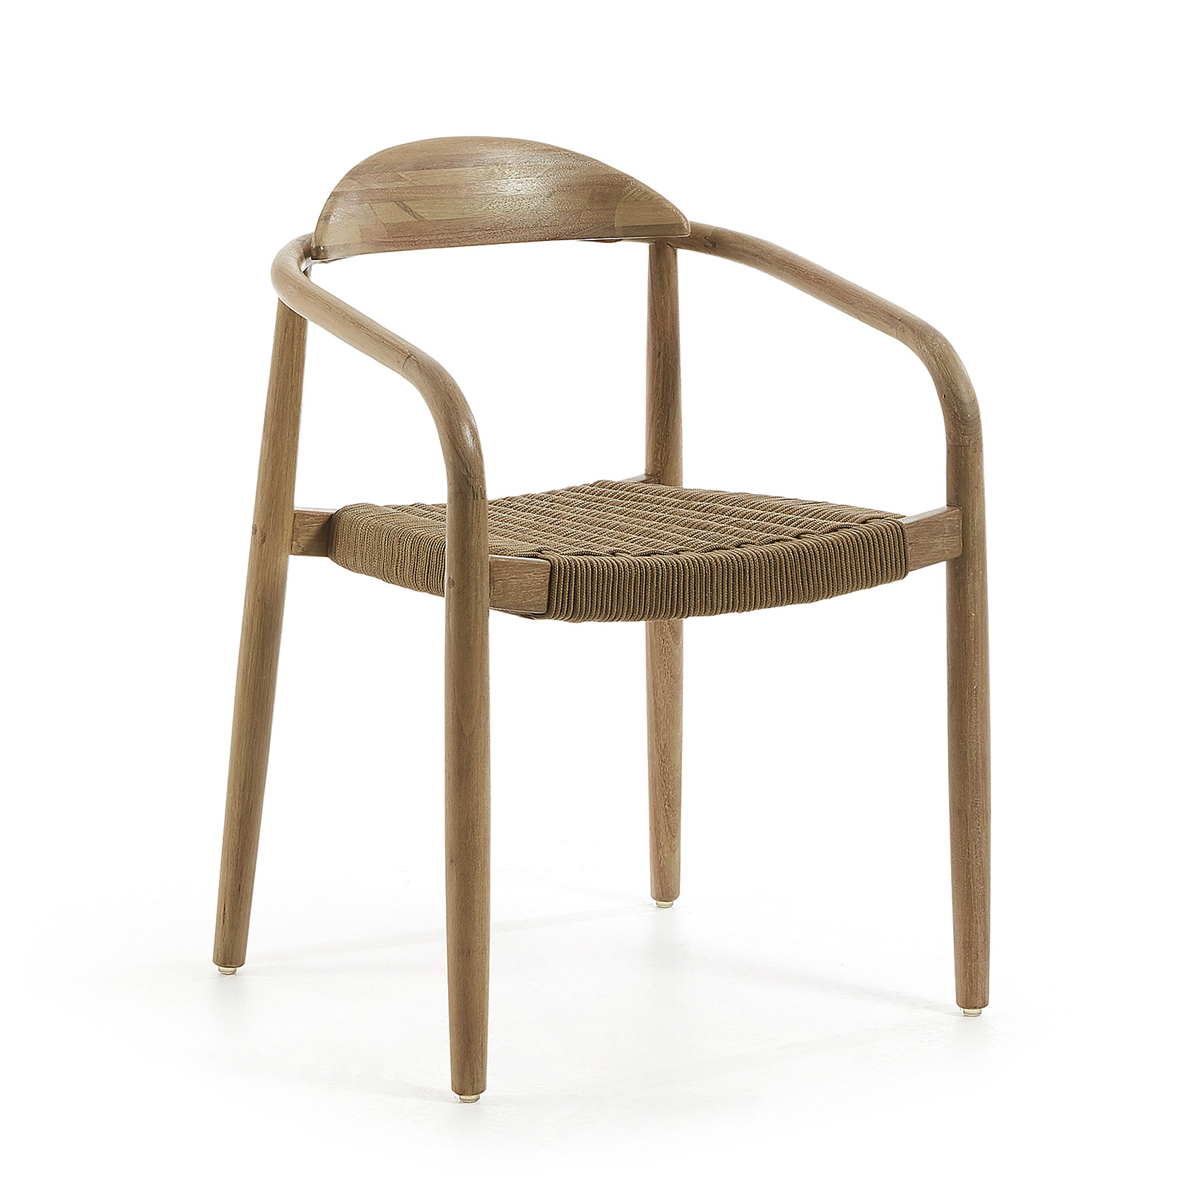 Ensemble de 4 chaises en bois et corde - Doré - H 78 x 42 cm